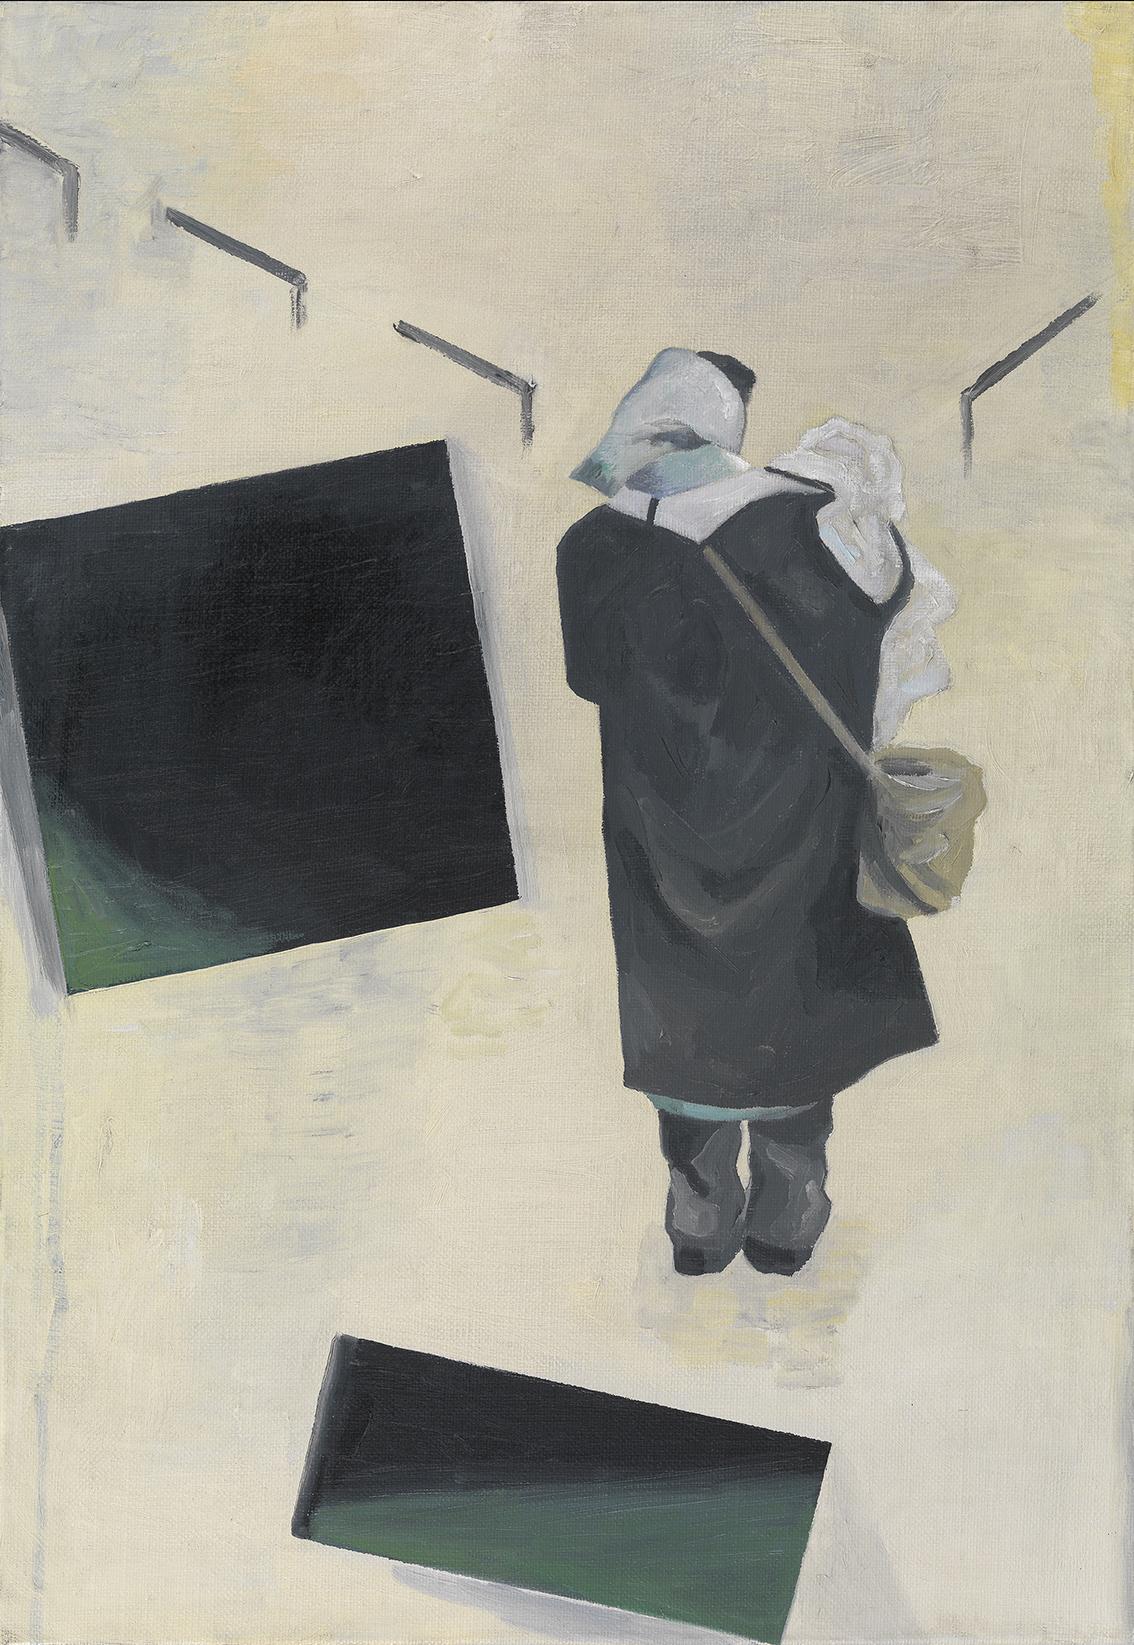 Jan Vanriet, Madonna, Zamknięte drzwi (Prostokąty), 2012, olej napłótnie, 55 x 37 cm